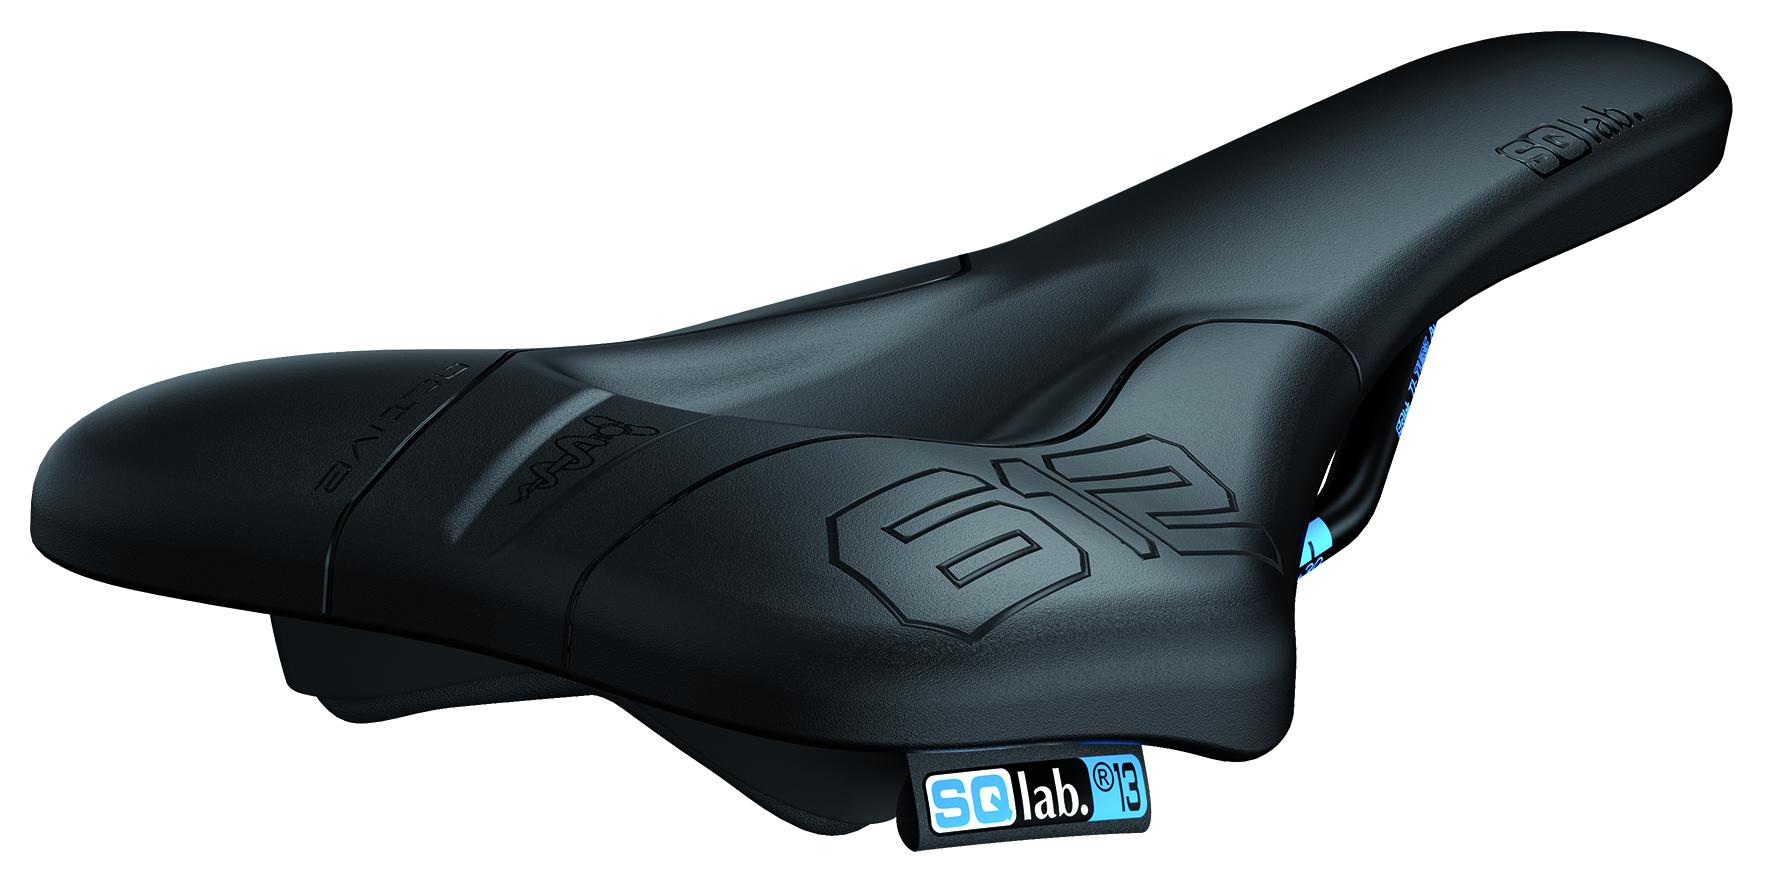 ENERGIE SPAREN - Die sich vom Heck nach vorne streckende wellenförmige Erhebung der Ergowave® passt in Ihrer Form perfekt zu den meist bauchigen Sitzbeinästen. Der Fahrer muss keine kraftraubenden Schutzhaltungen einnehmen.